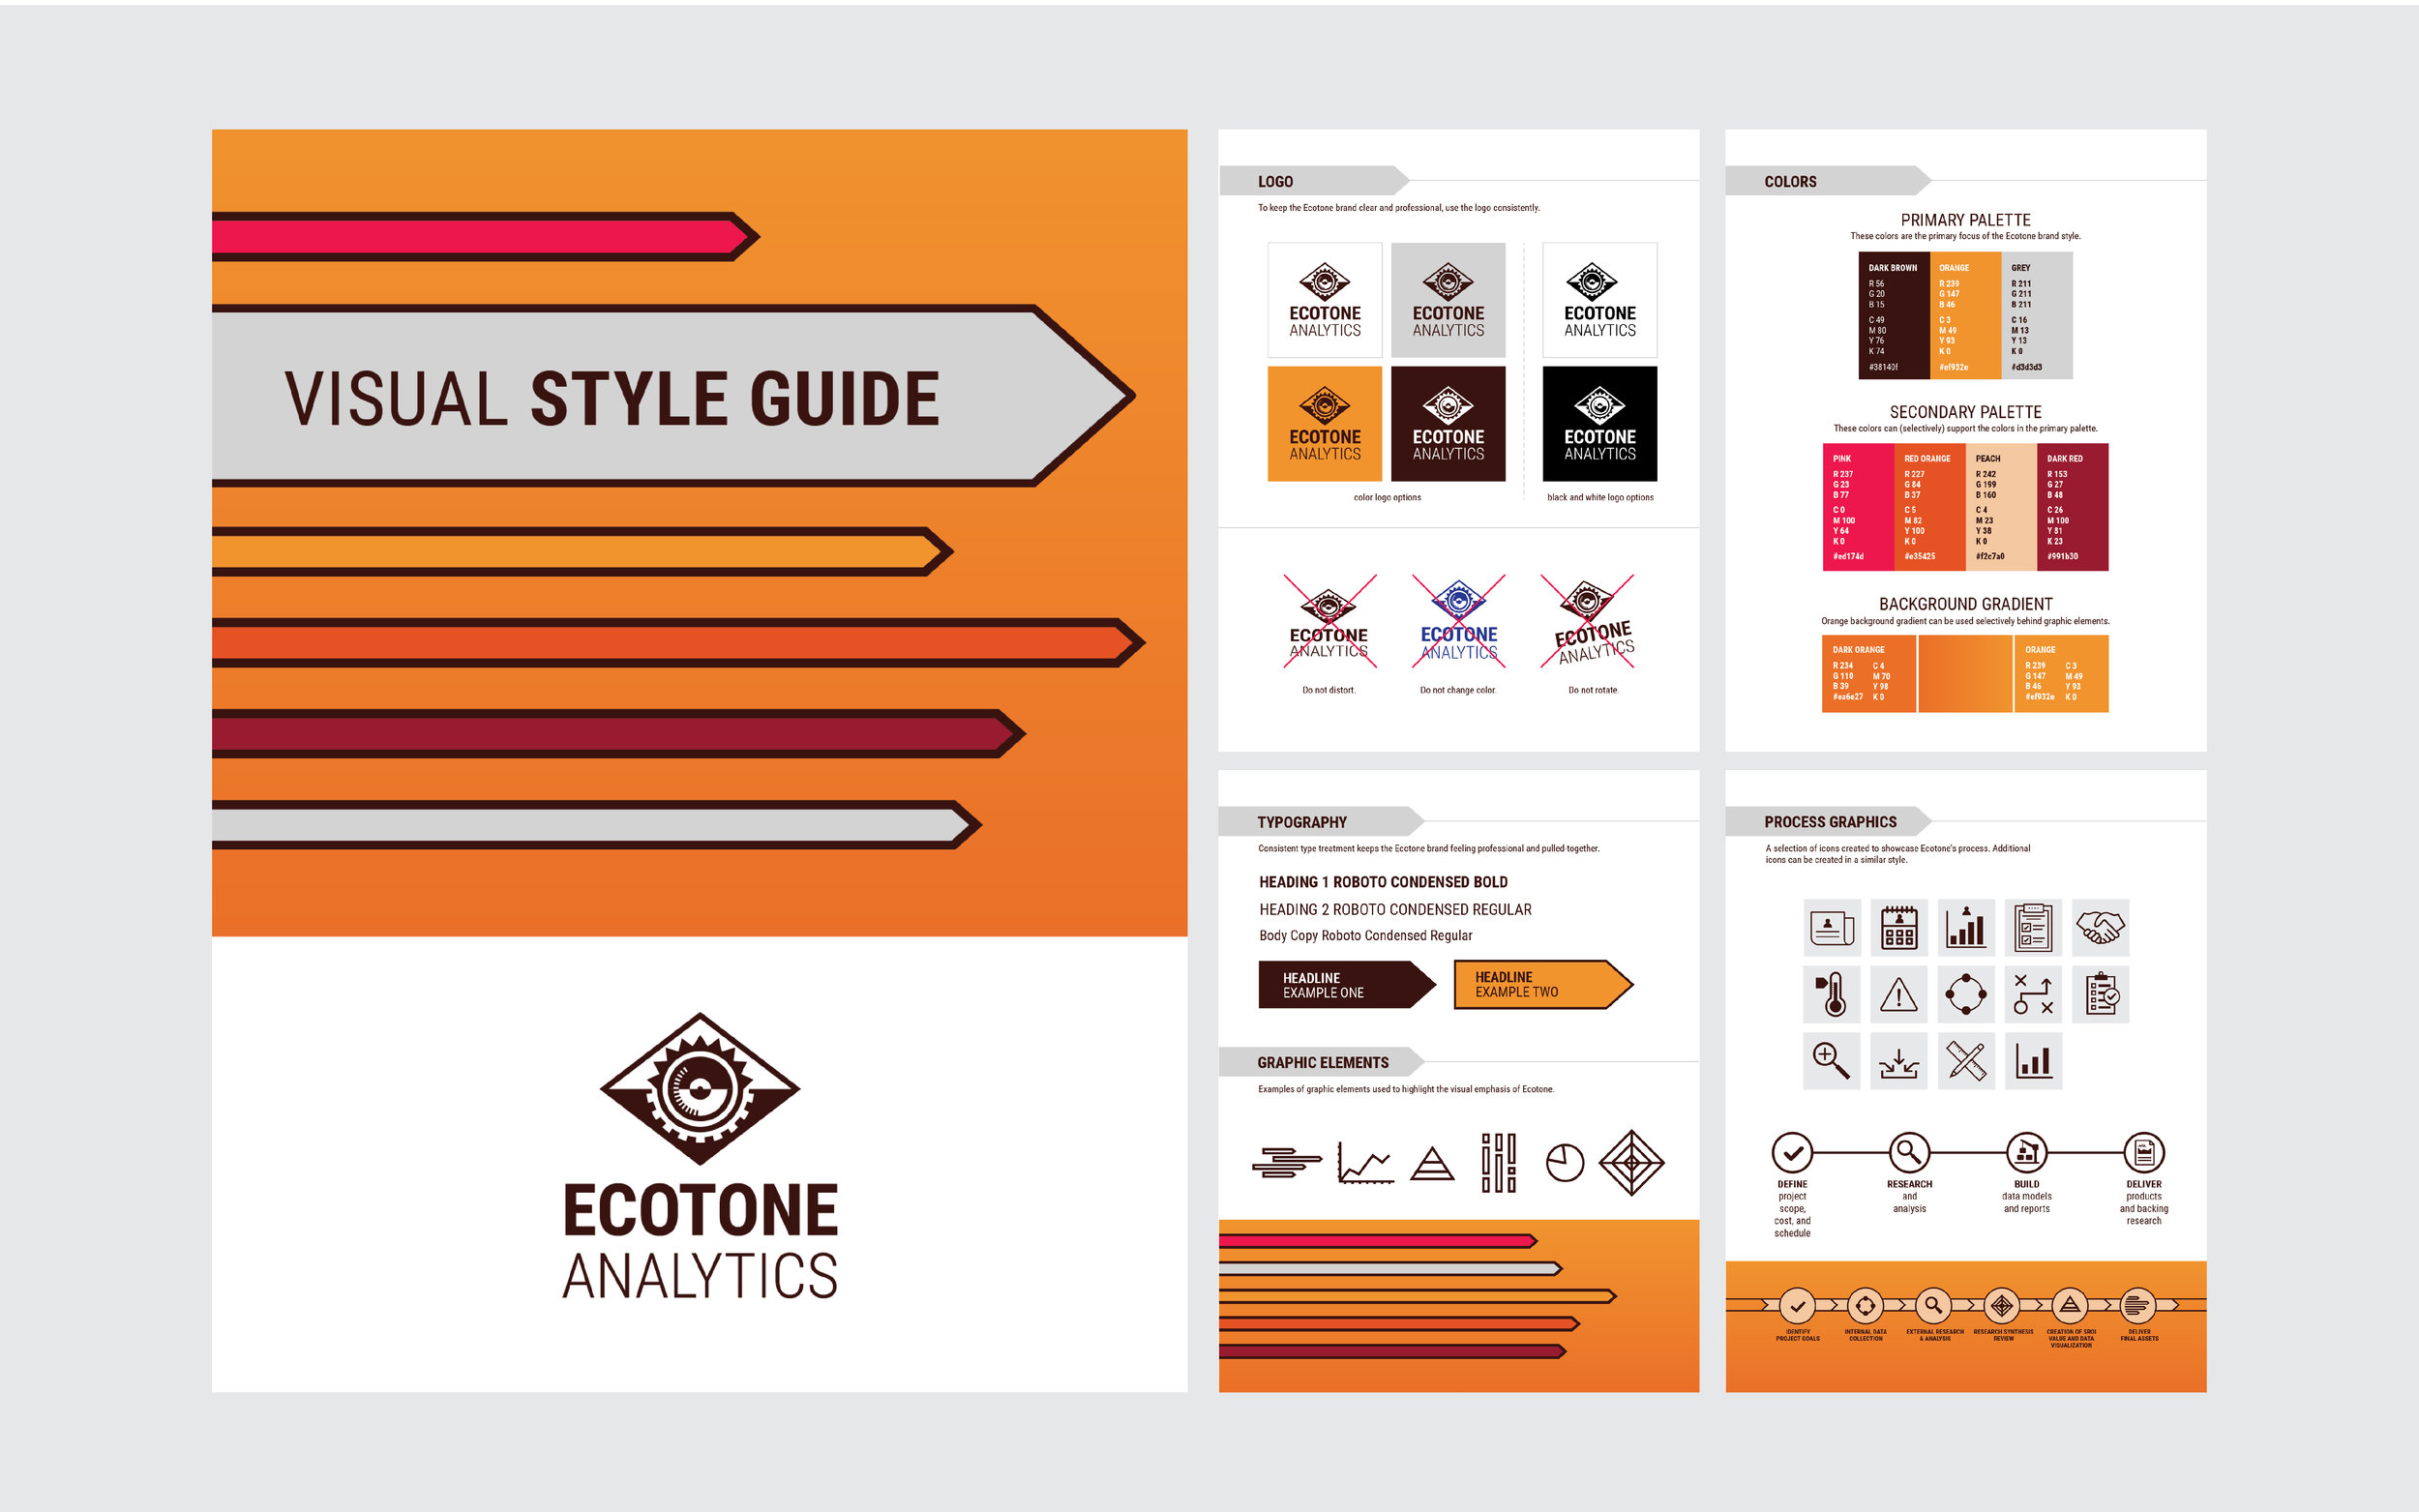 Ecotone4-01.jpg